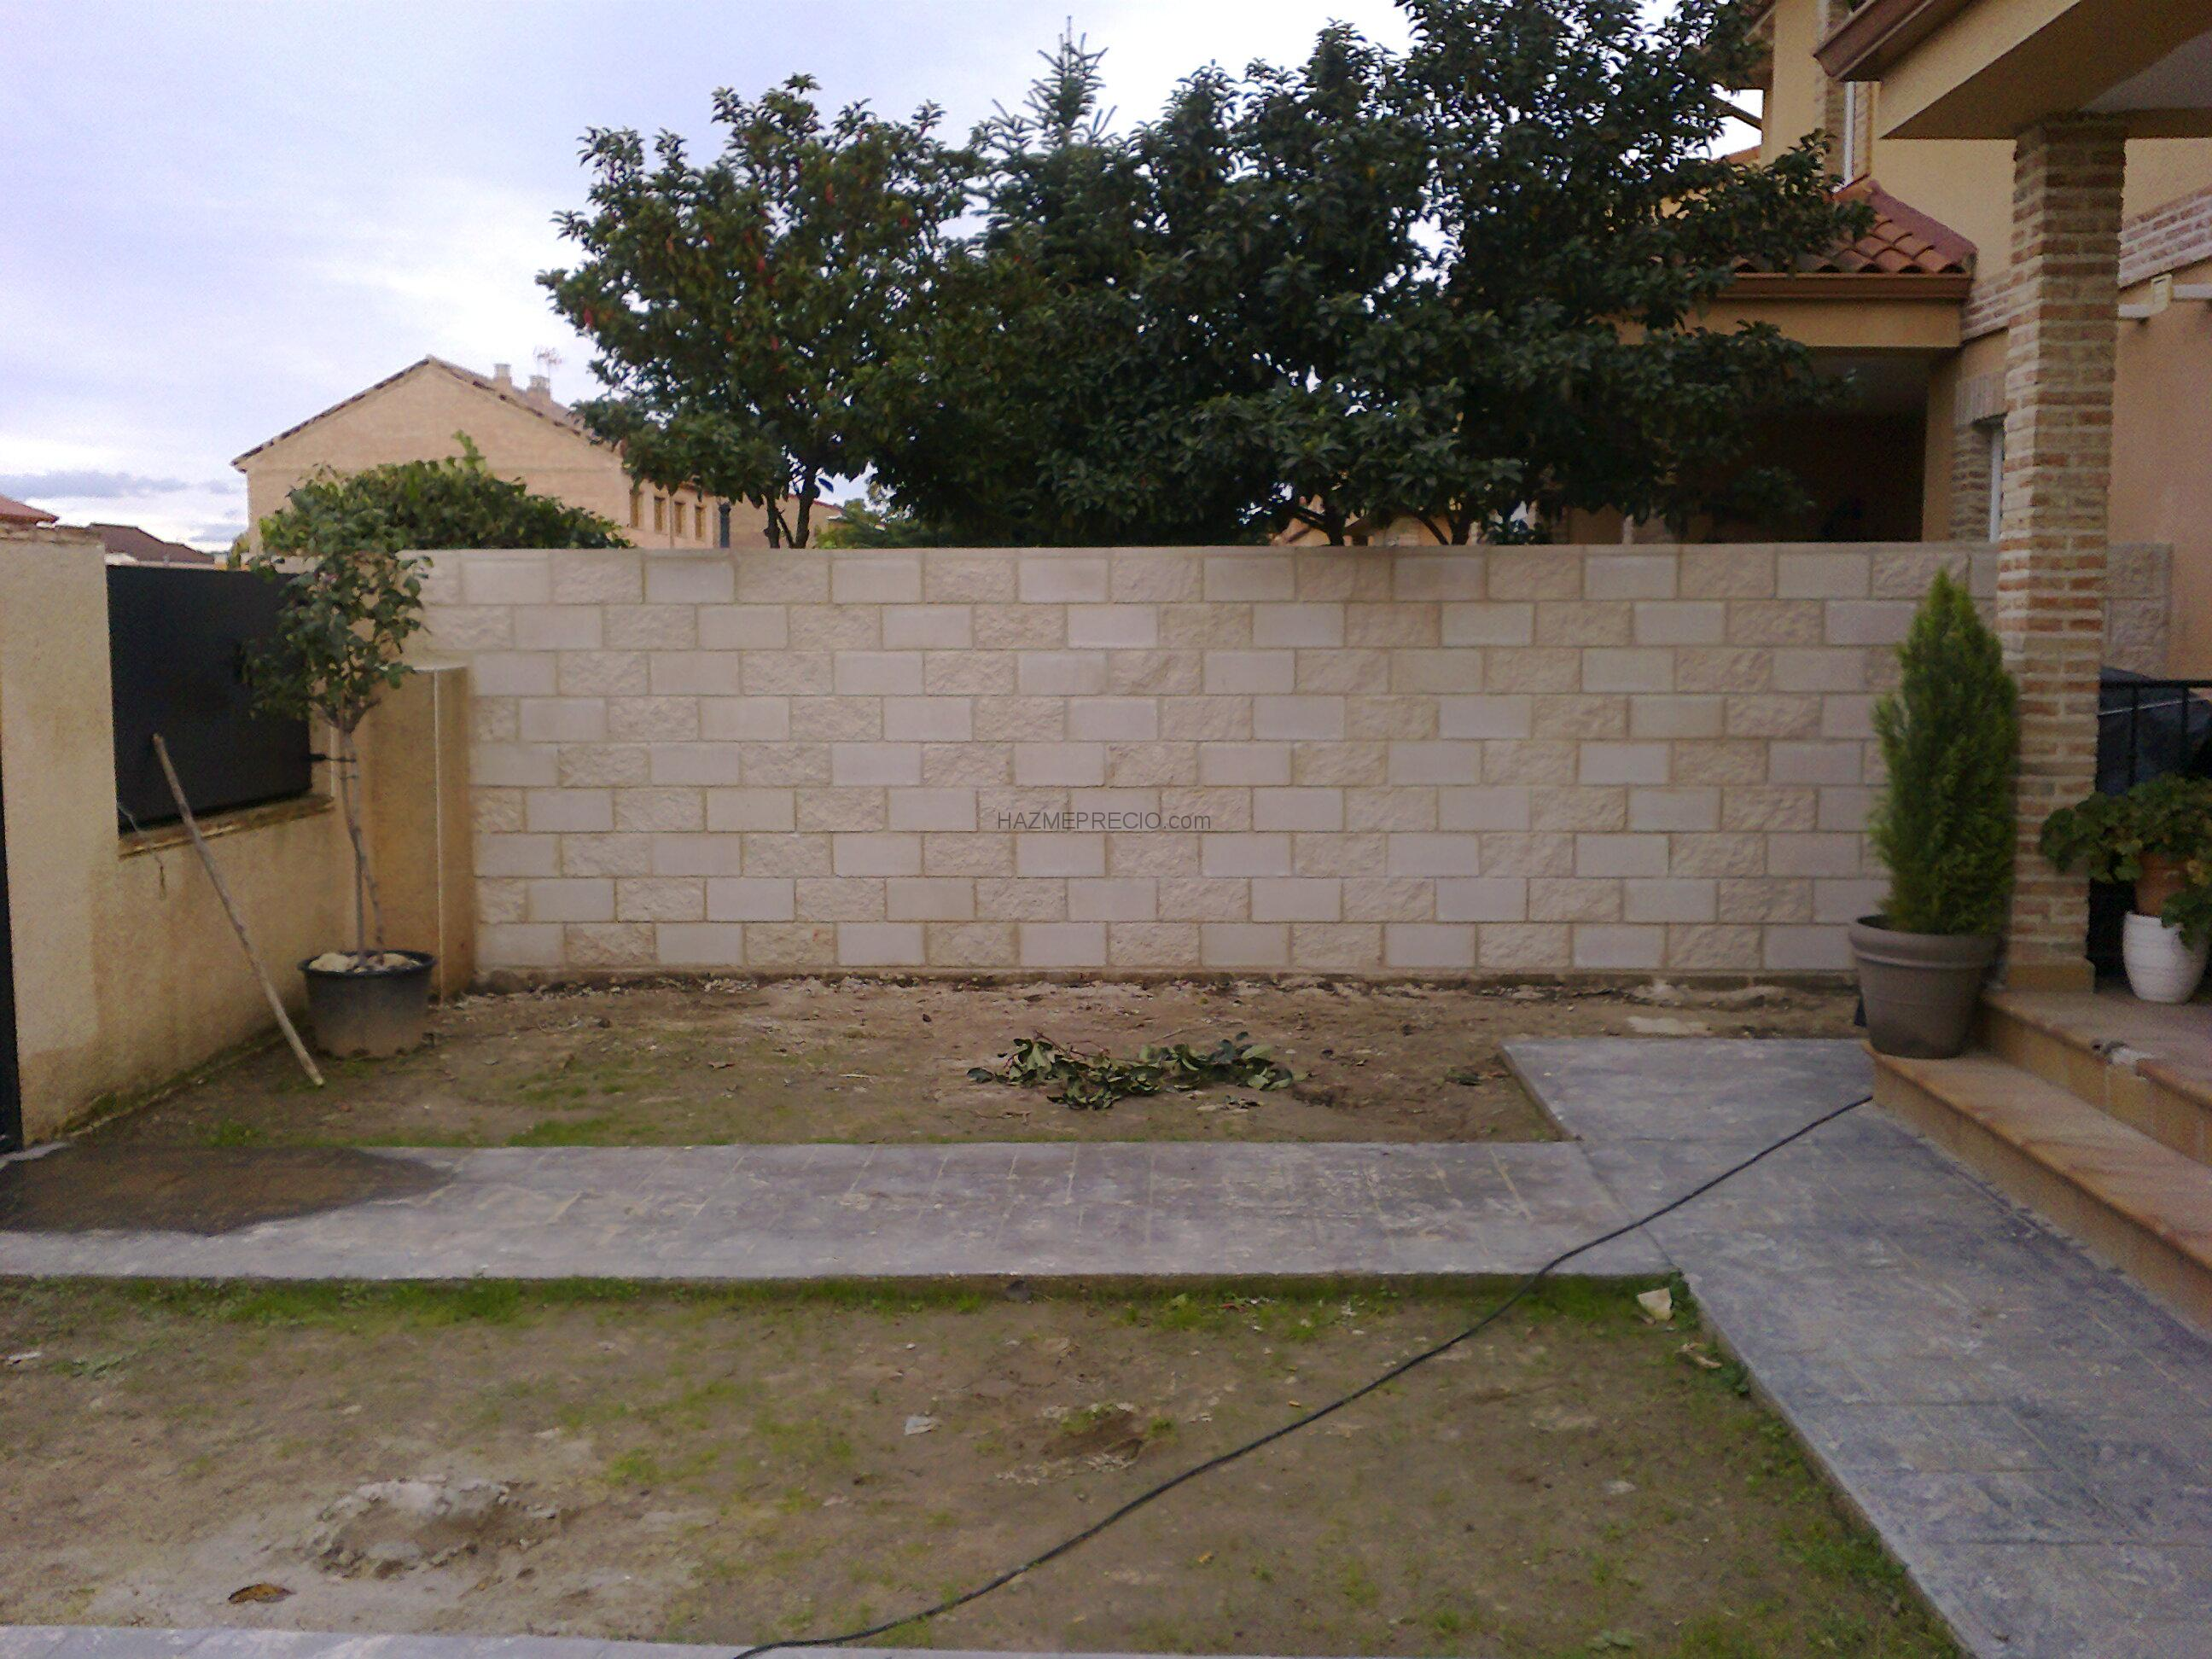 Muro de bloques de hormigon cara vista en alcal de - Muro de bloques ...